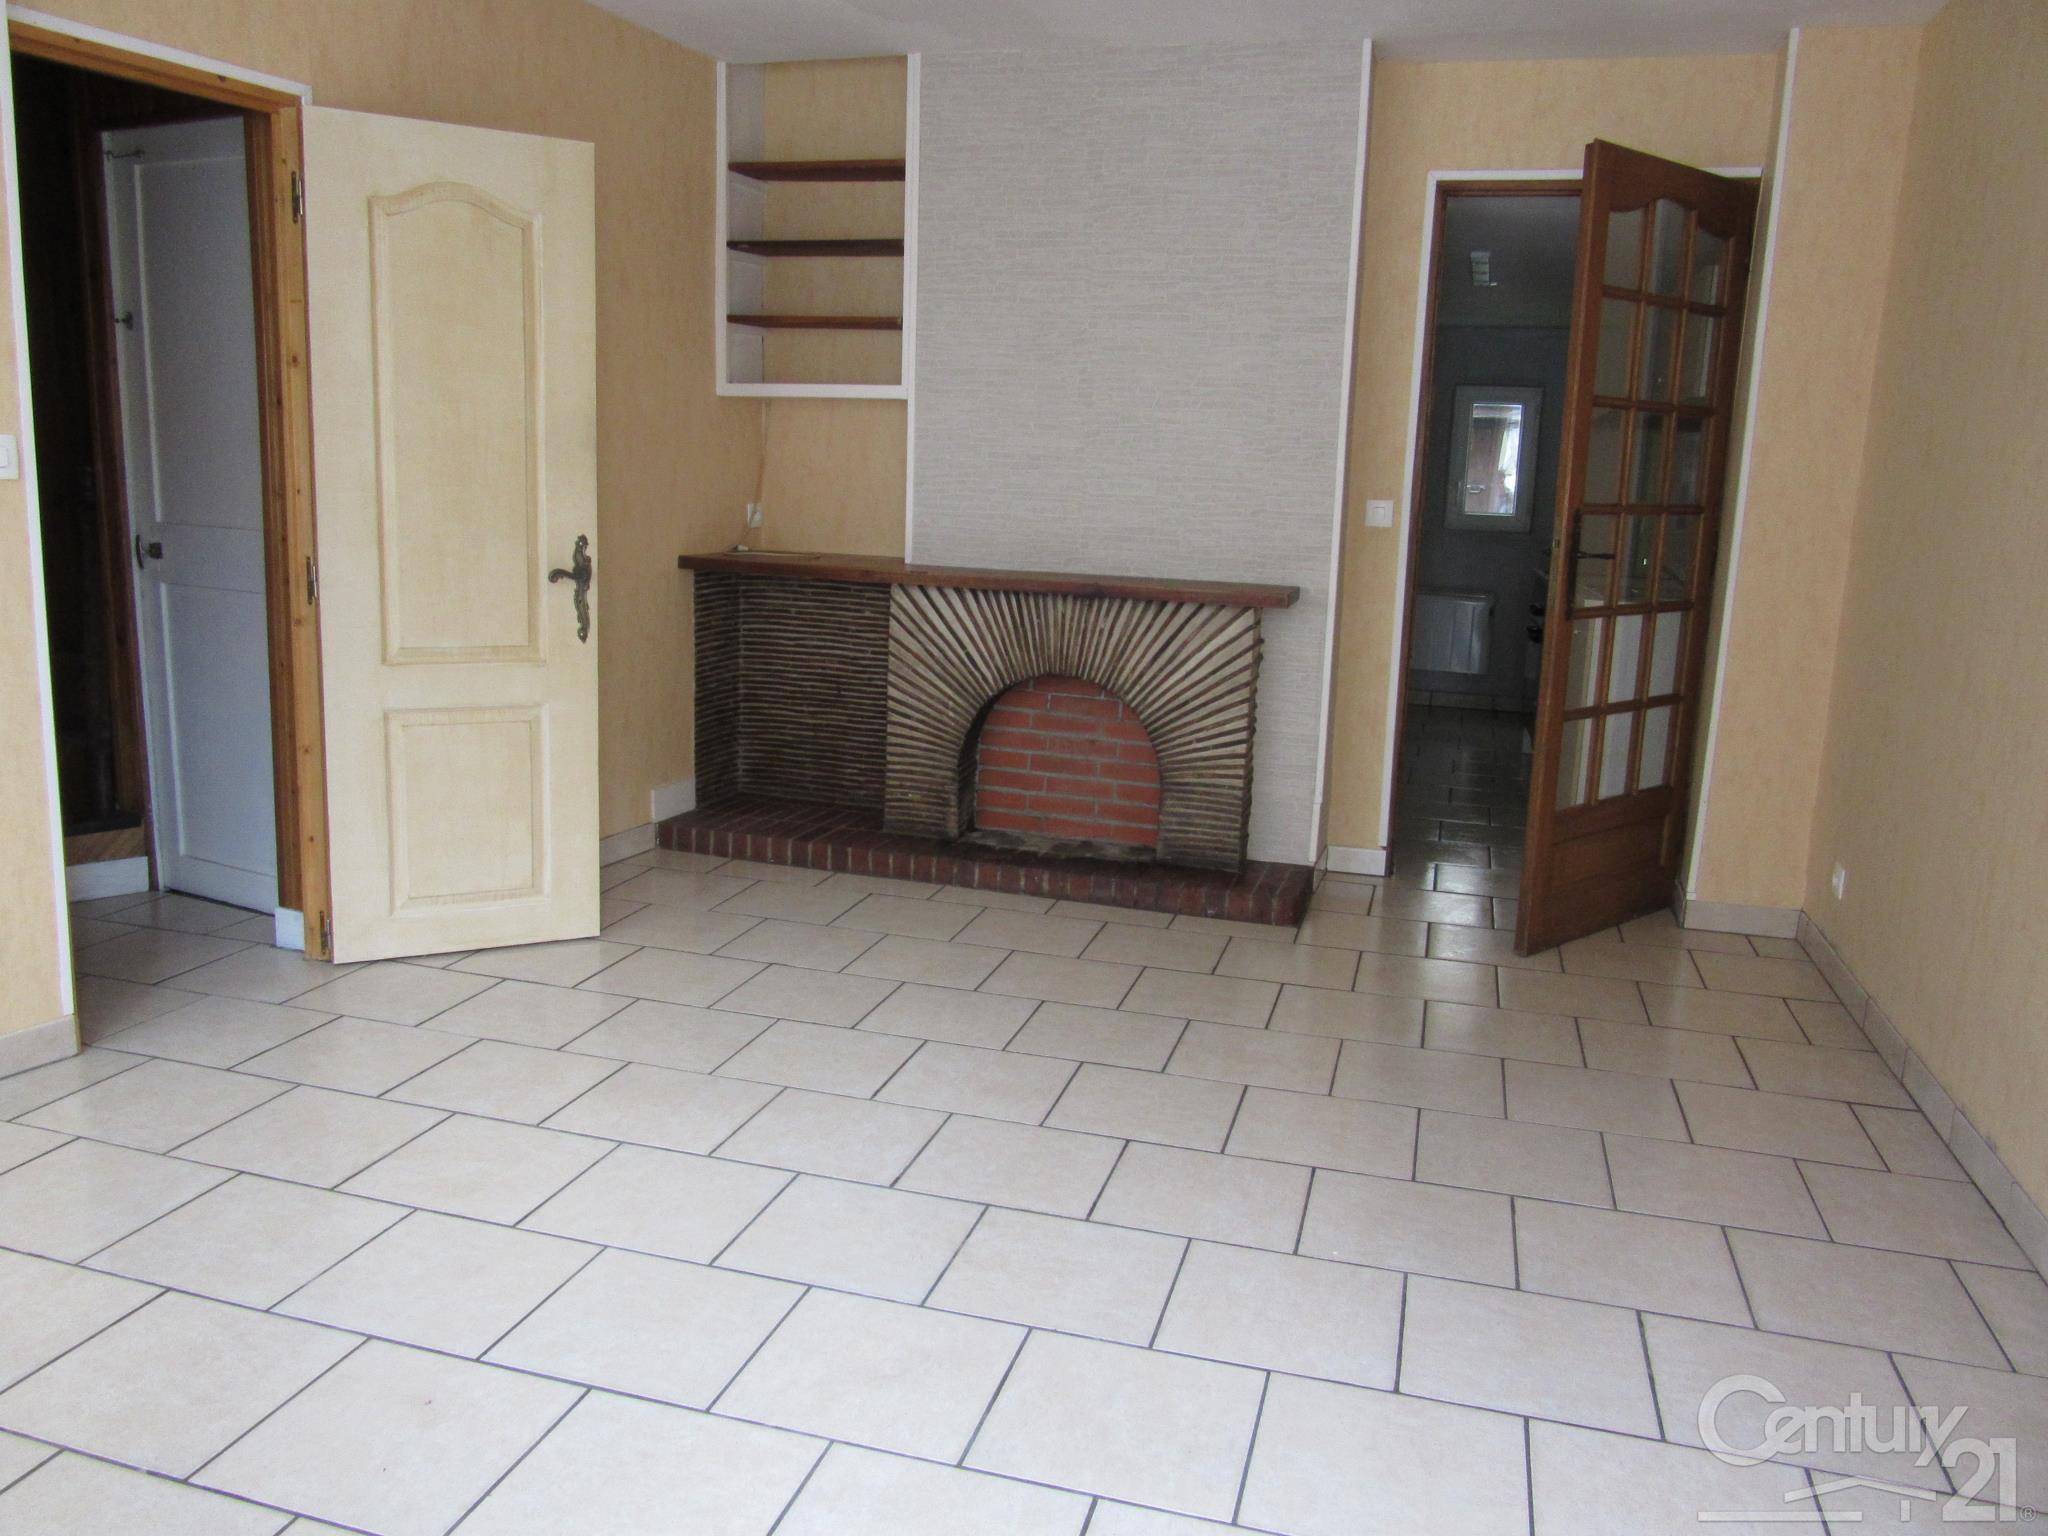 Maison à louer - 3 pièces - 59 m2 - ORBEC - 14 - BASSE-NORMANDIE